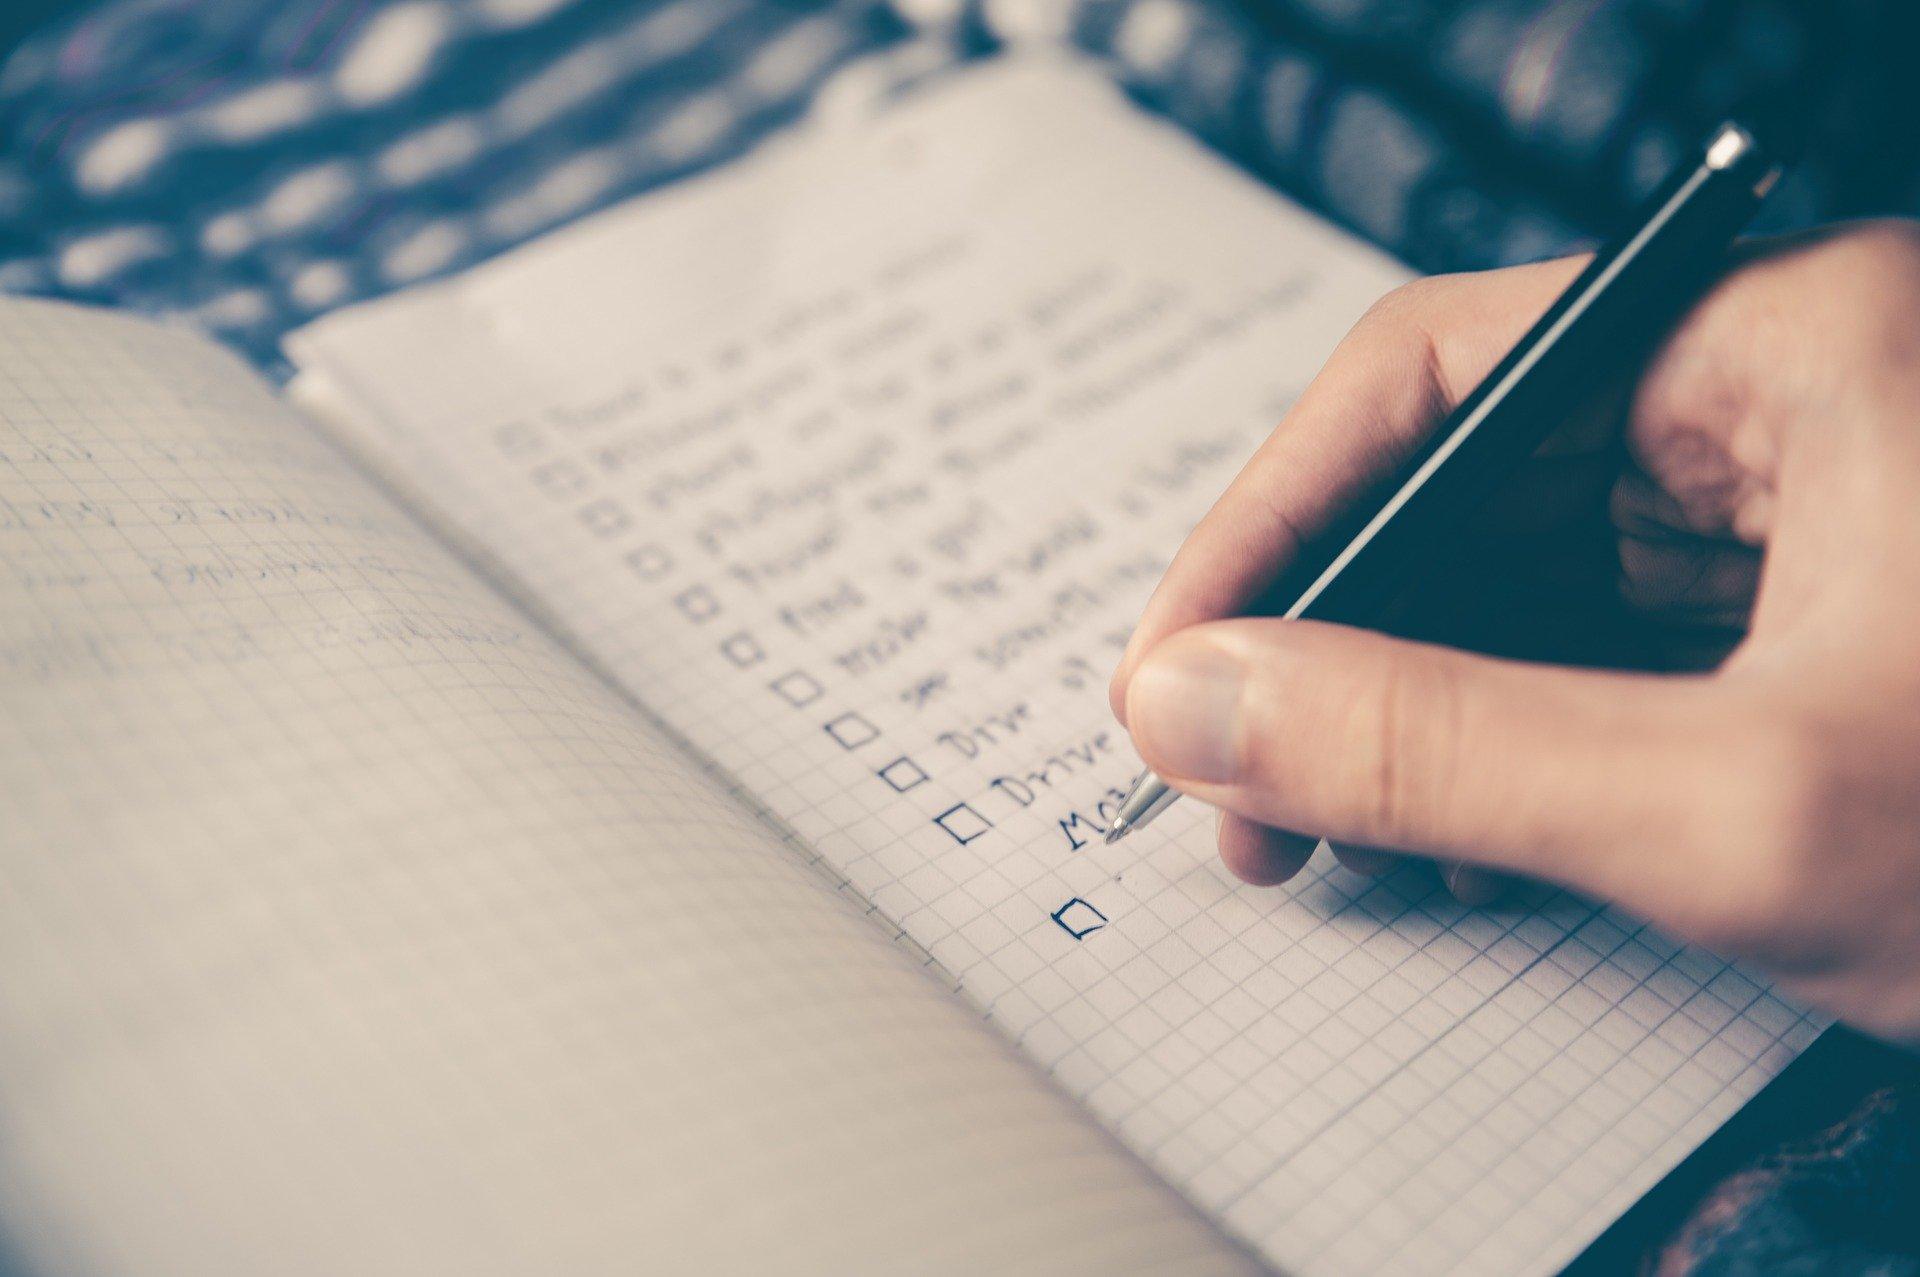 Ziele vs. Vorsätze: Wieso nur eines davon dich wirklich voranbringt